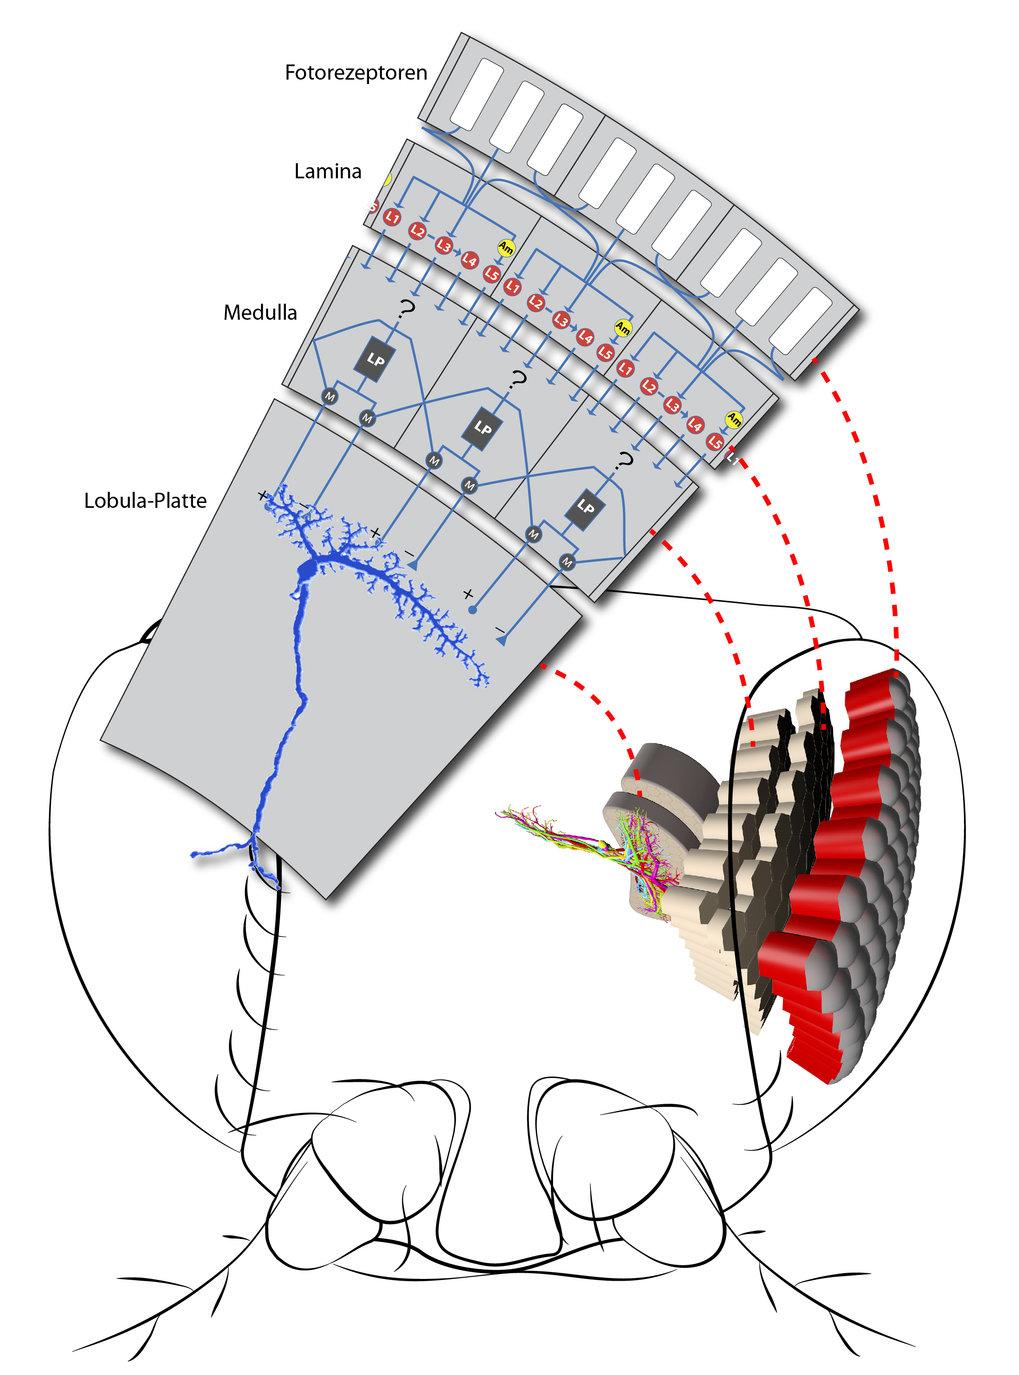 Der auf Bewegungen reagierende Teil des Sehsystems der Fliege kann in  vier Bereiche unterteilt werden: (1) Fotorezeptoren nehmen die Umwelt  wahr und